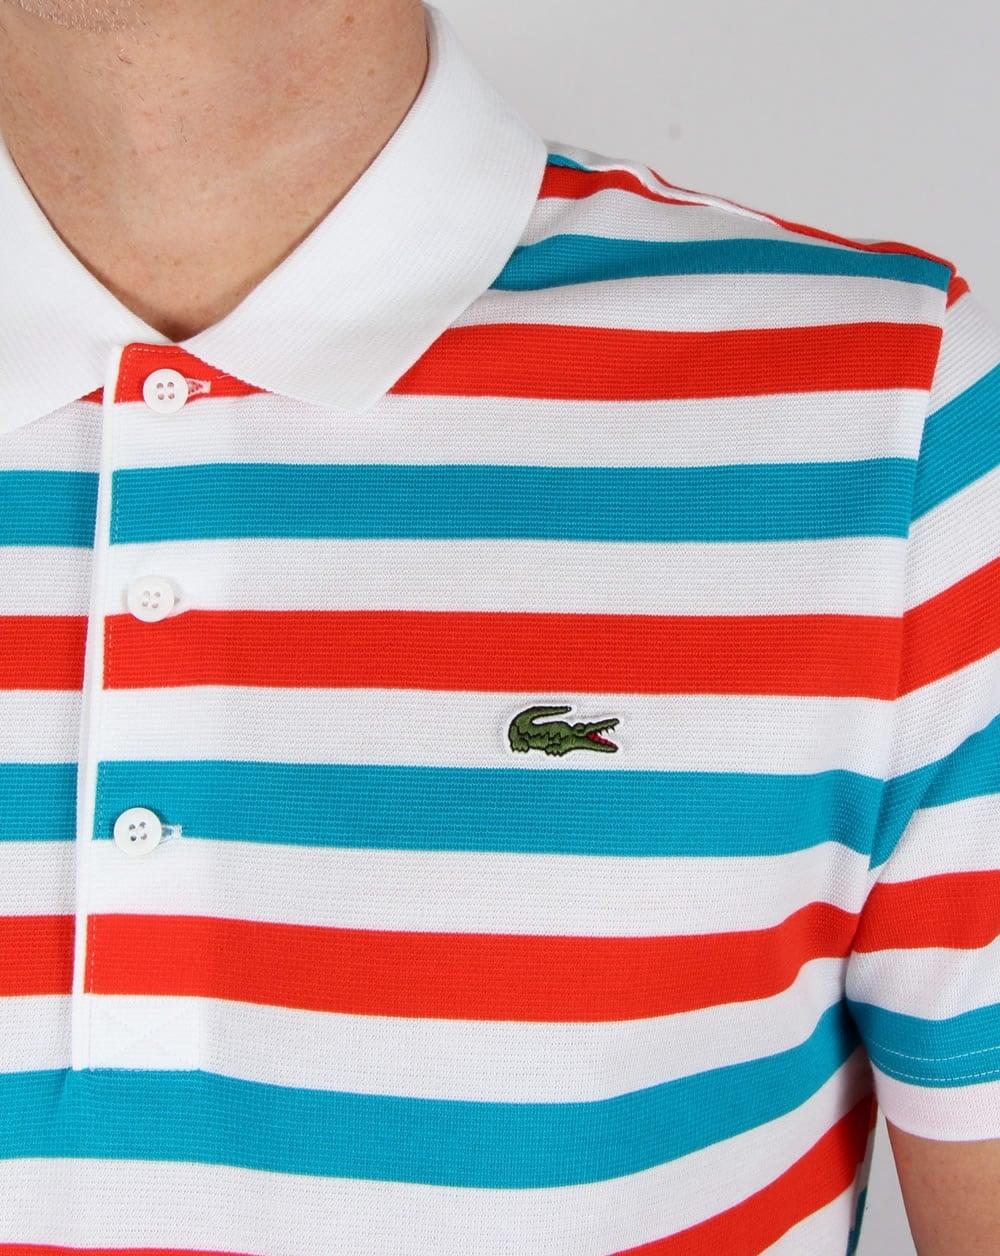 szerokie odmiany tanie z rabatem gorąca sprzedaż online Lacoste Fine Stripe Polo Shirt White/red/blue